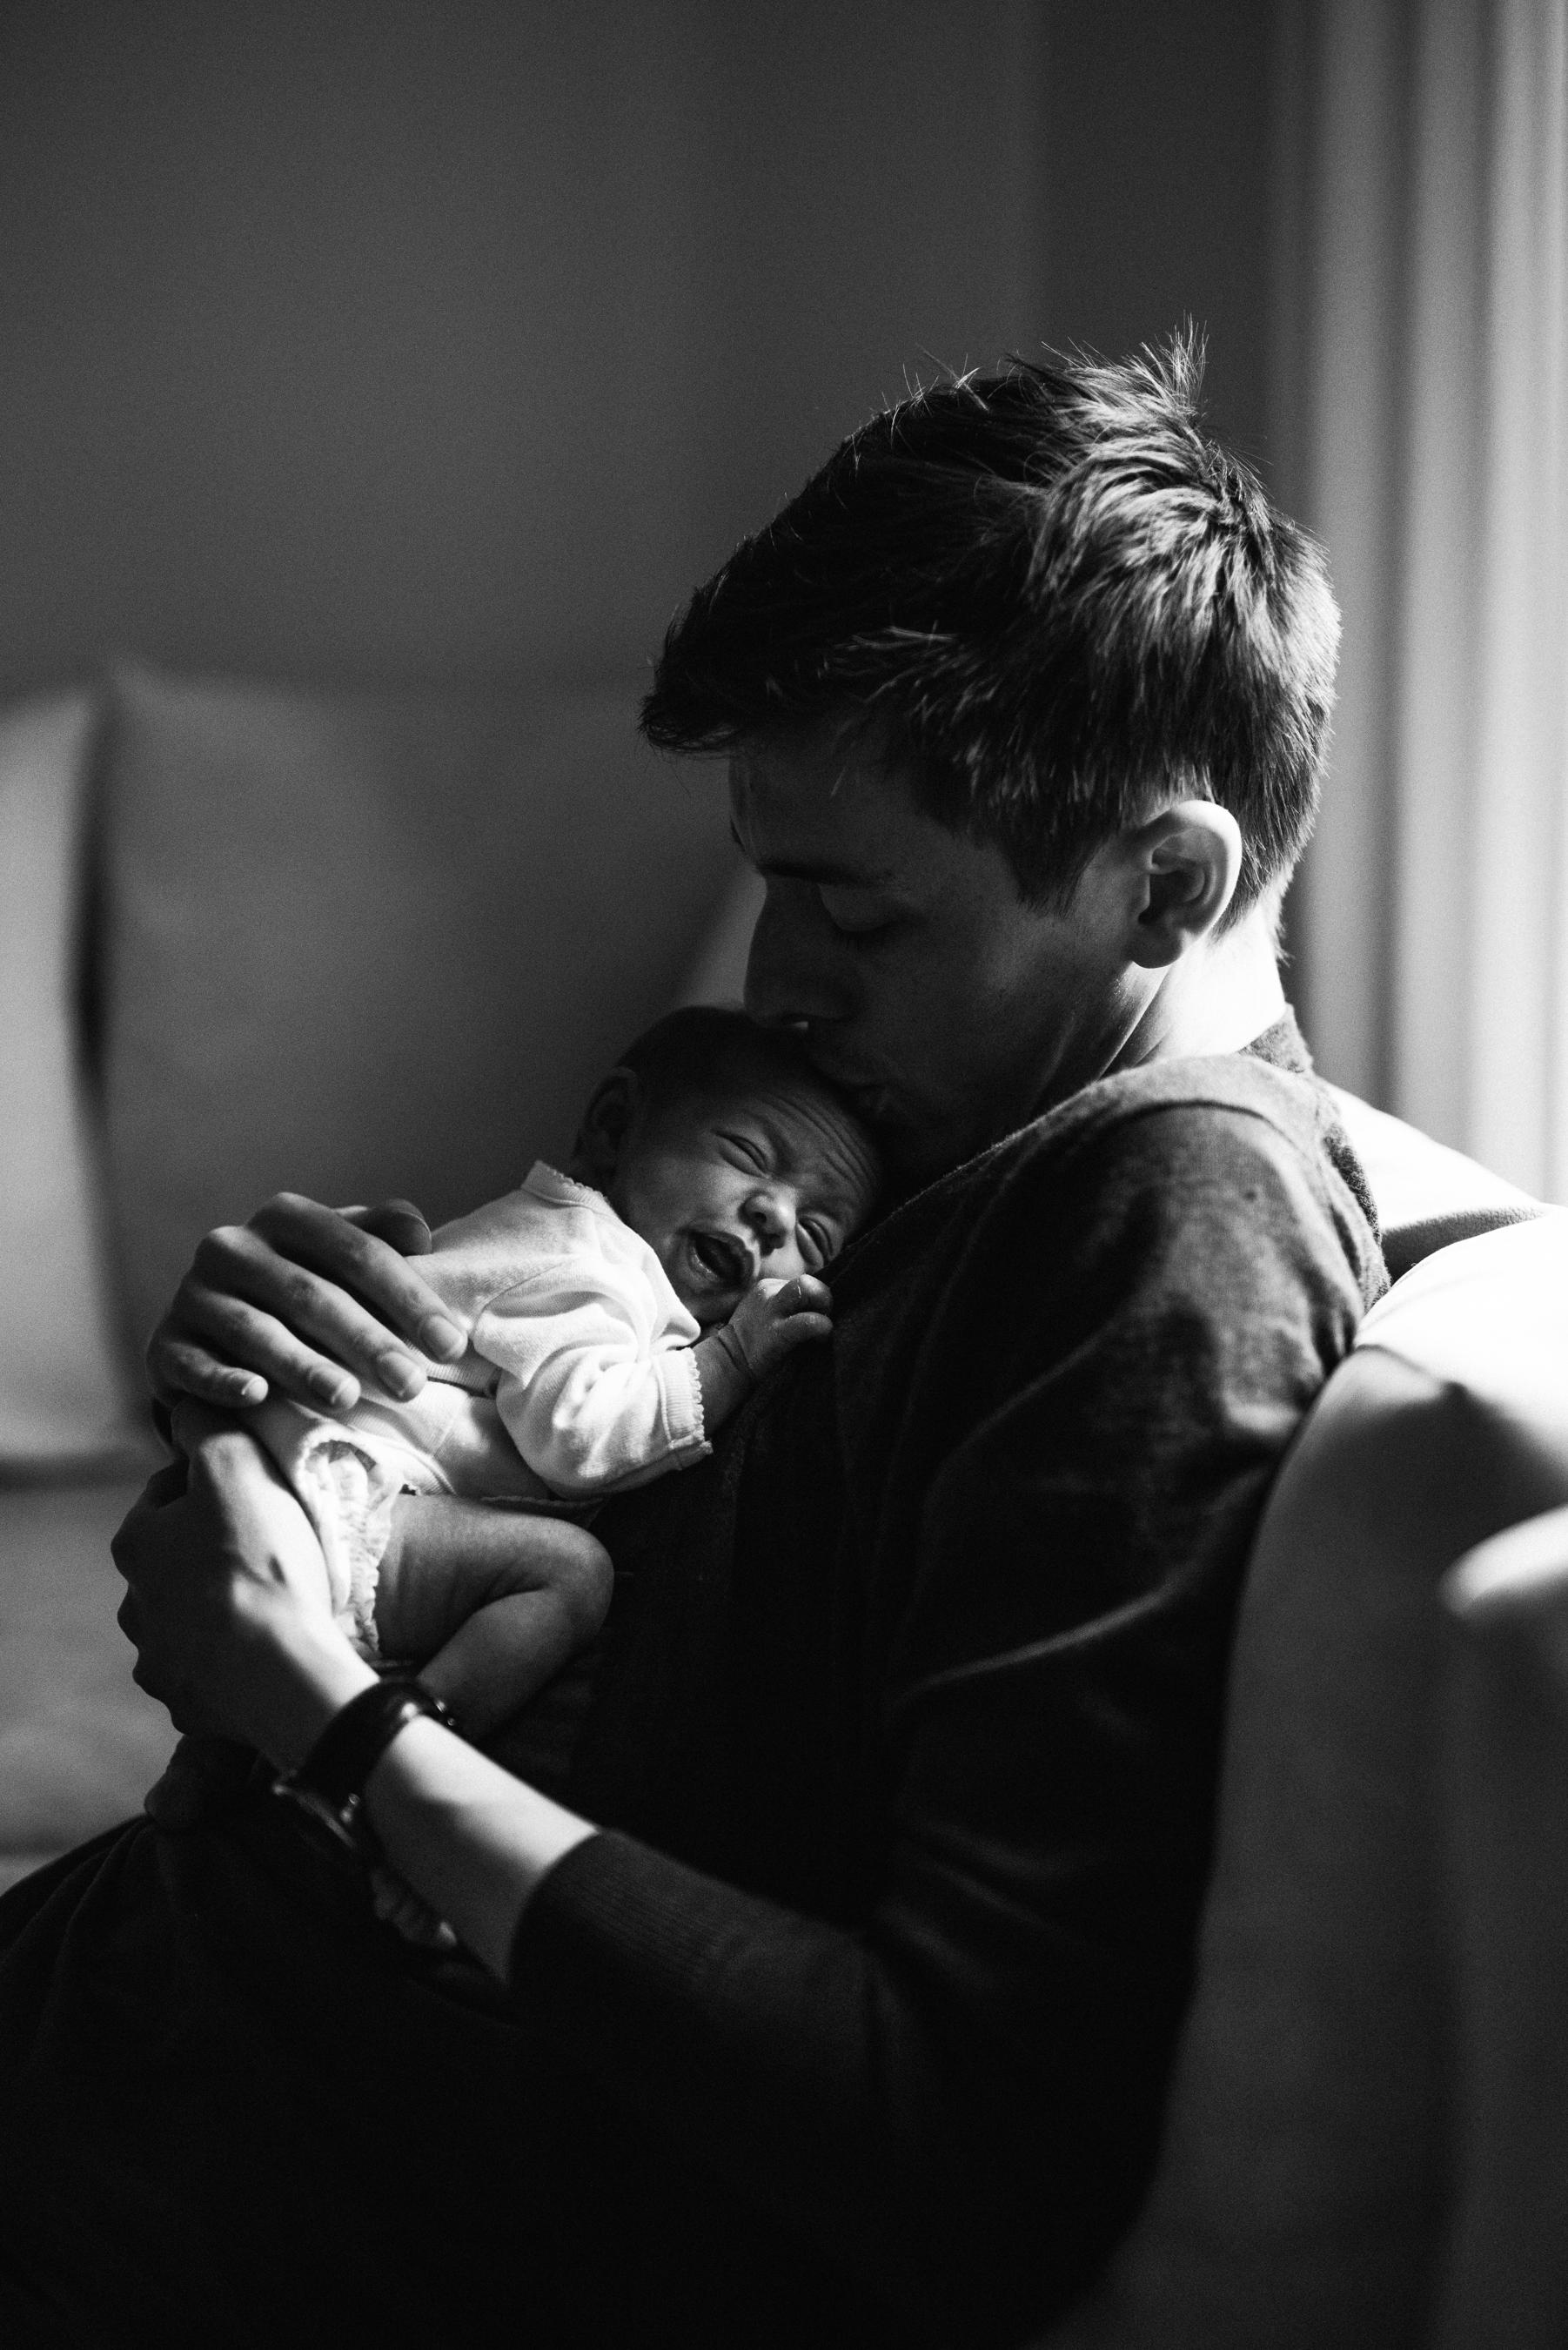 033-photo-noir-et-blanc-d-un-pere-qui-embrasse-son-bebe-qui-grimace-photographe-lifestyle-famille-et-nouveau-ne-a-montreal-marianne-charland-125.jpg